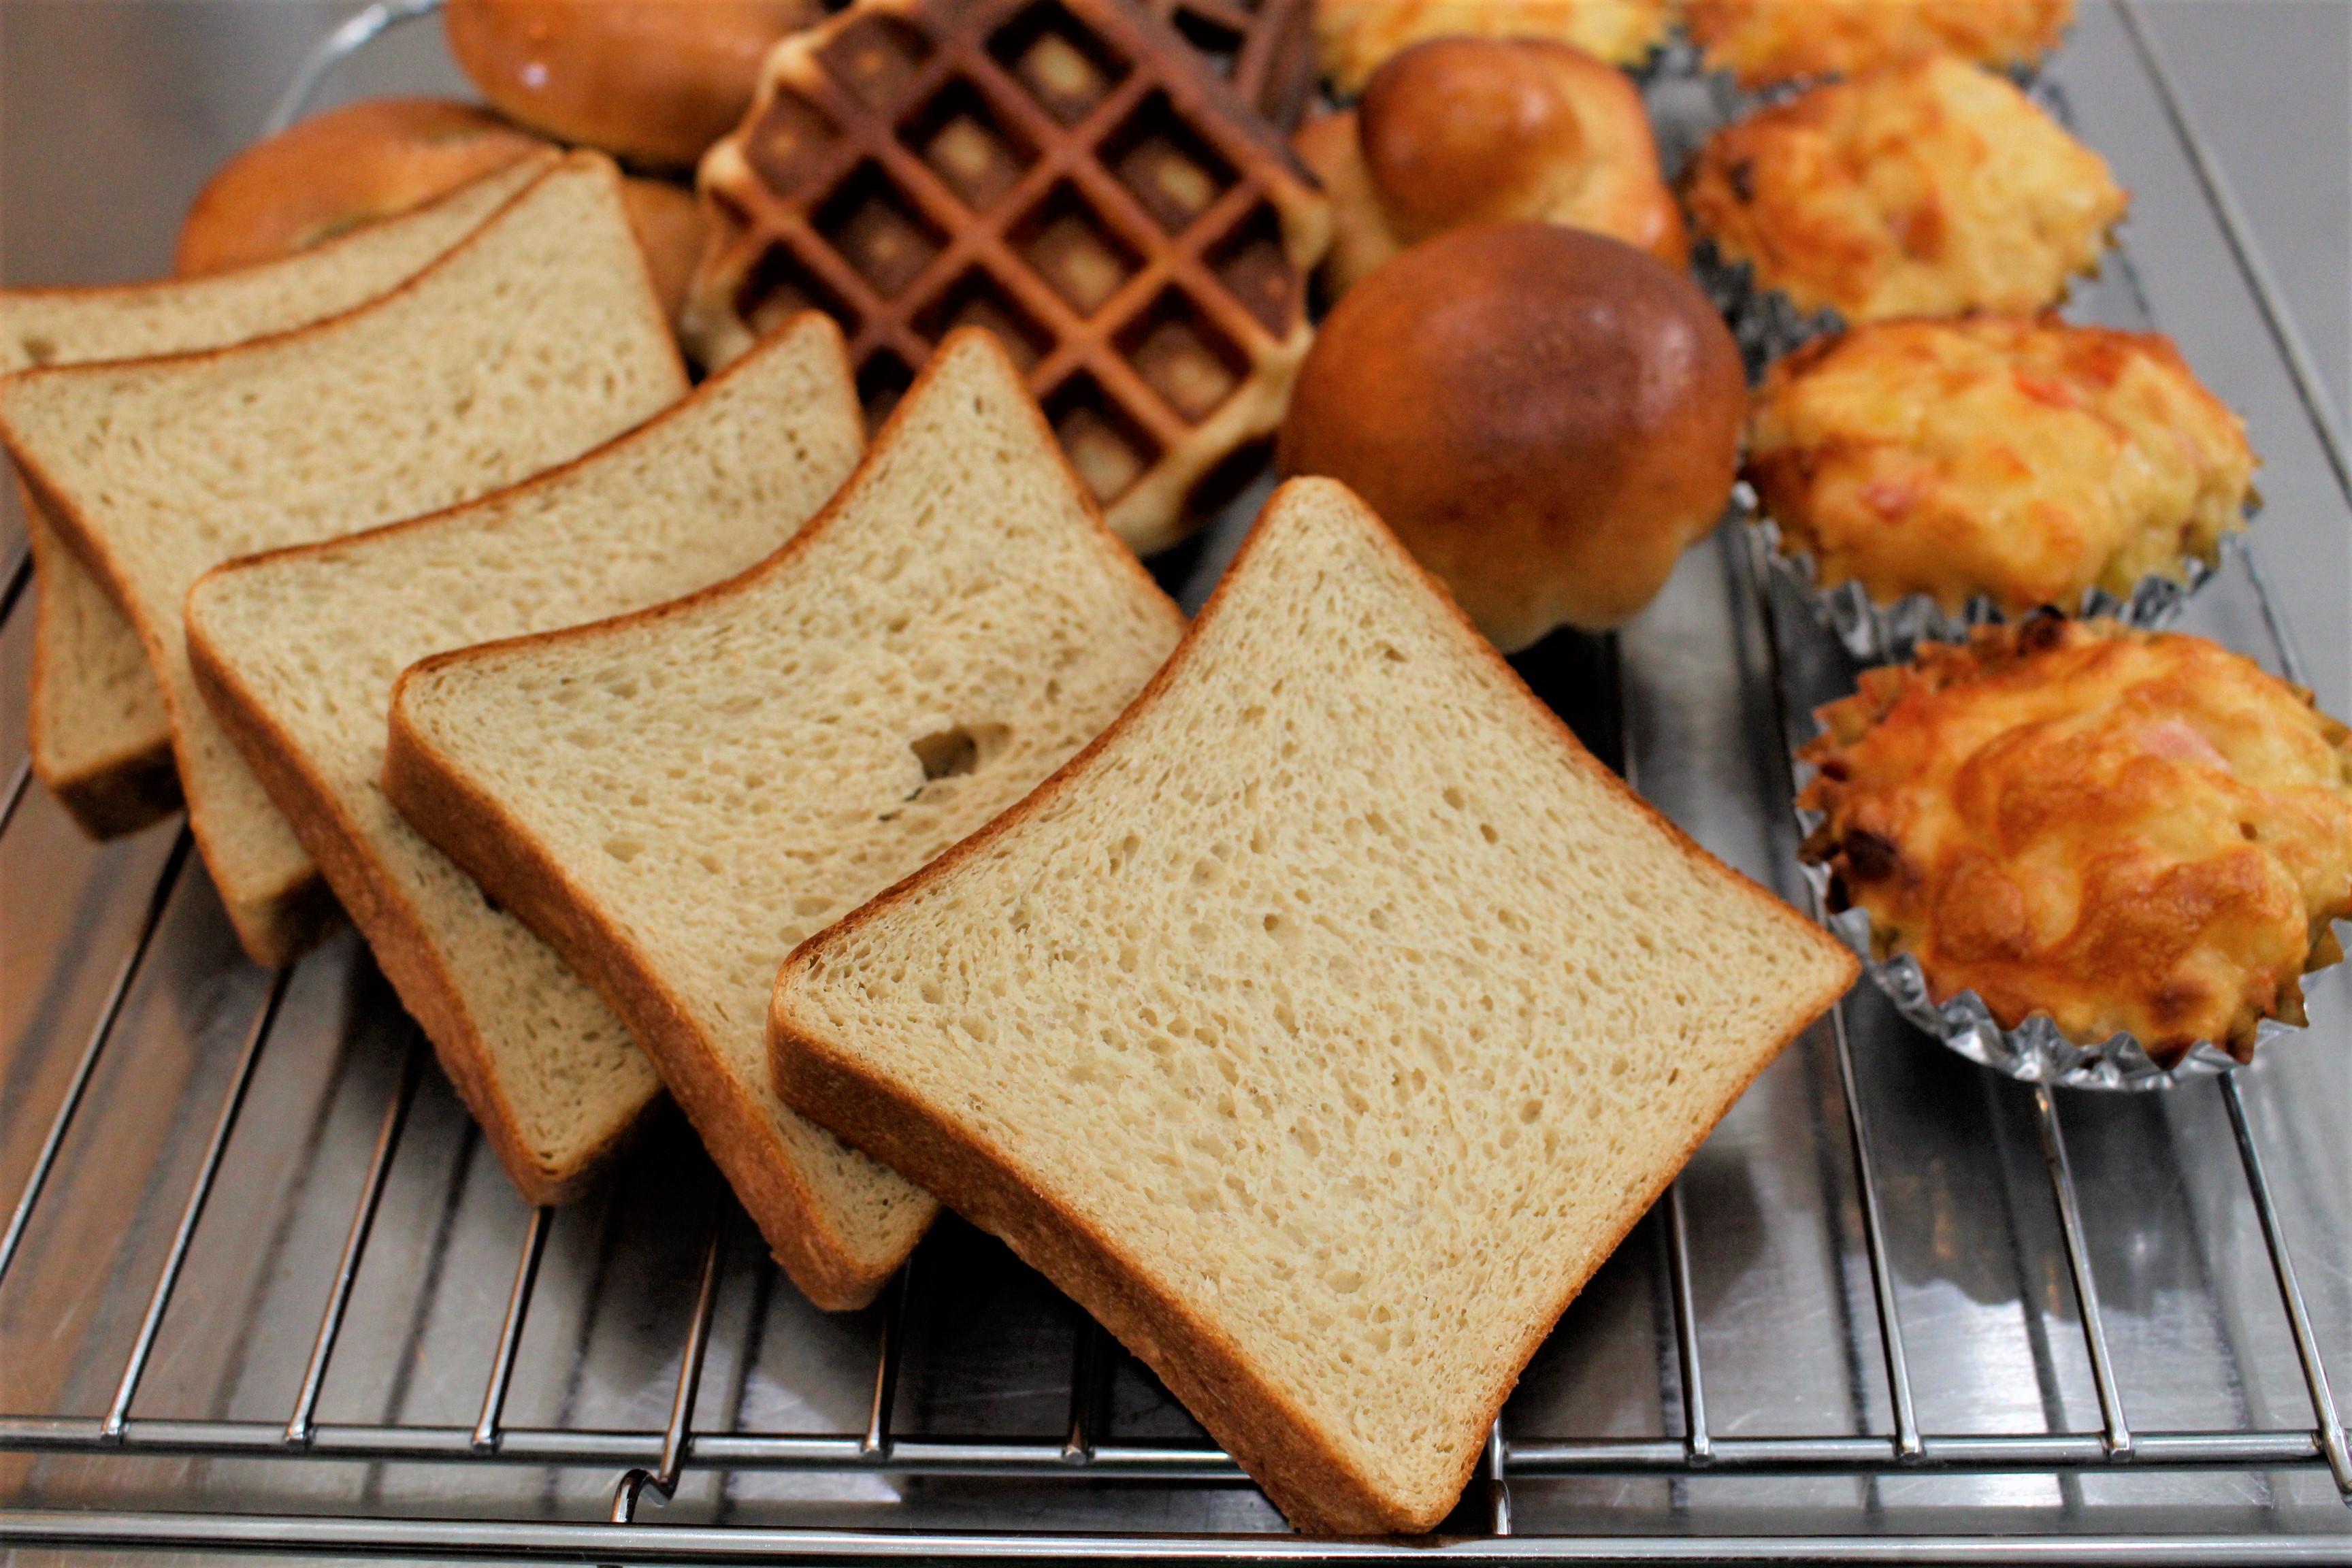 a-ta-sante糖質制限パン料理教室。阿倍野区。桃ヶ池町。a-ta-sant'e.京都江部粉糖質オフパン。コンプリートコースパート1。低糖質ロールパン。「糖質オフパンがここまで美味しくつくれる秘密!」低糖食コーディネーター。利野郁枝。a-ta-sante糖質制限パン料理教室。阿倍野区。桃ヶ池町。a-ta-sant'e.京都江部粉糖質オフパン。2020.8.29。コンプリートコース最終回。低糖質ロールパン。低糖食コーディネーター。利野郁枝。